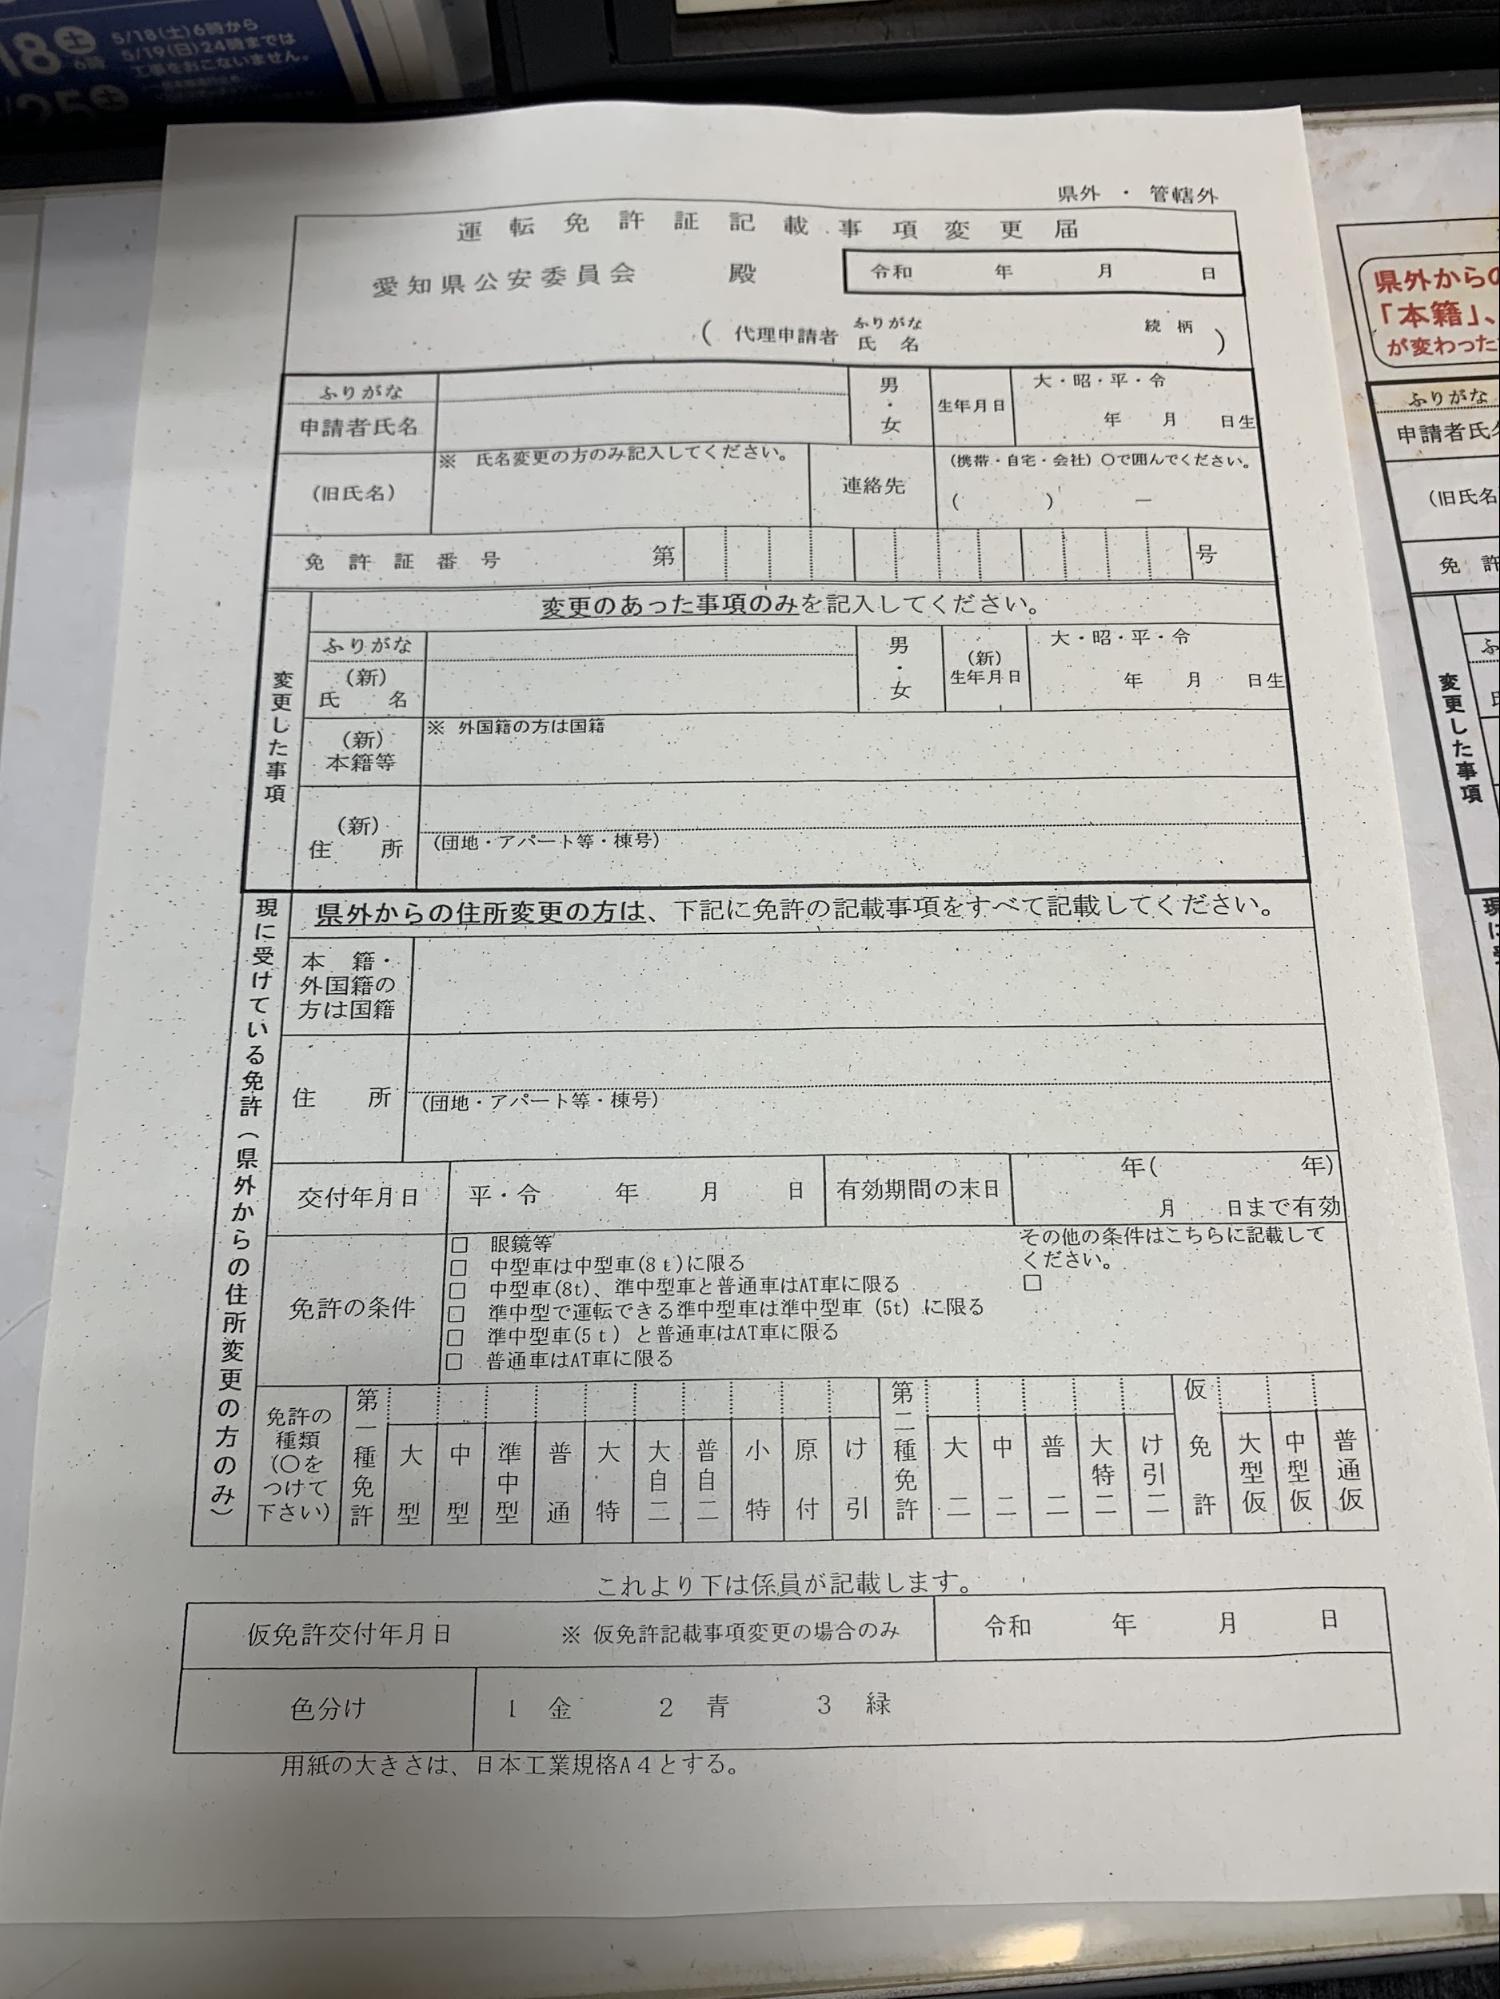 名古屋で新生活をはじめるあなたに「運転免許証の書き換え」方法を紹介 - image3